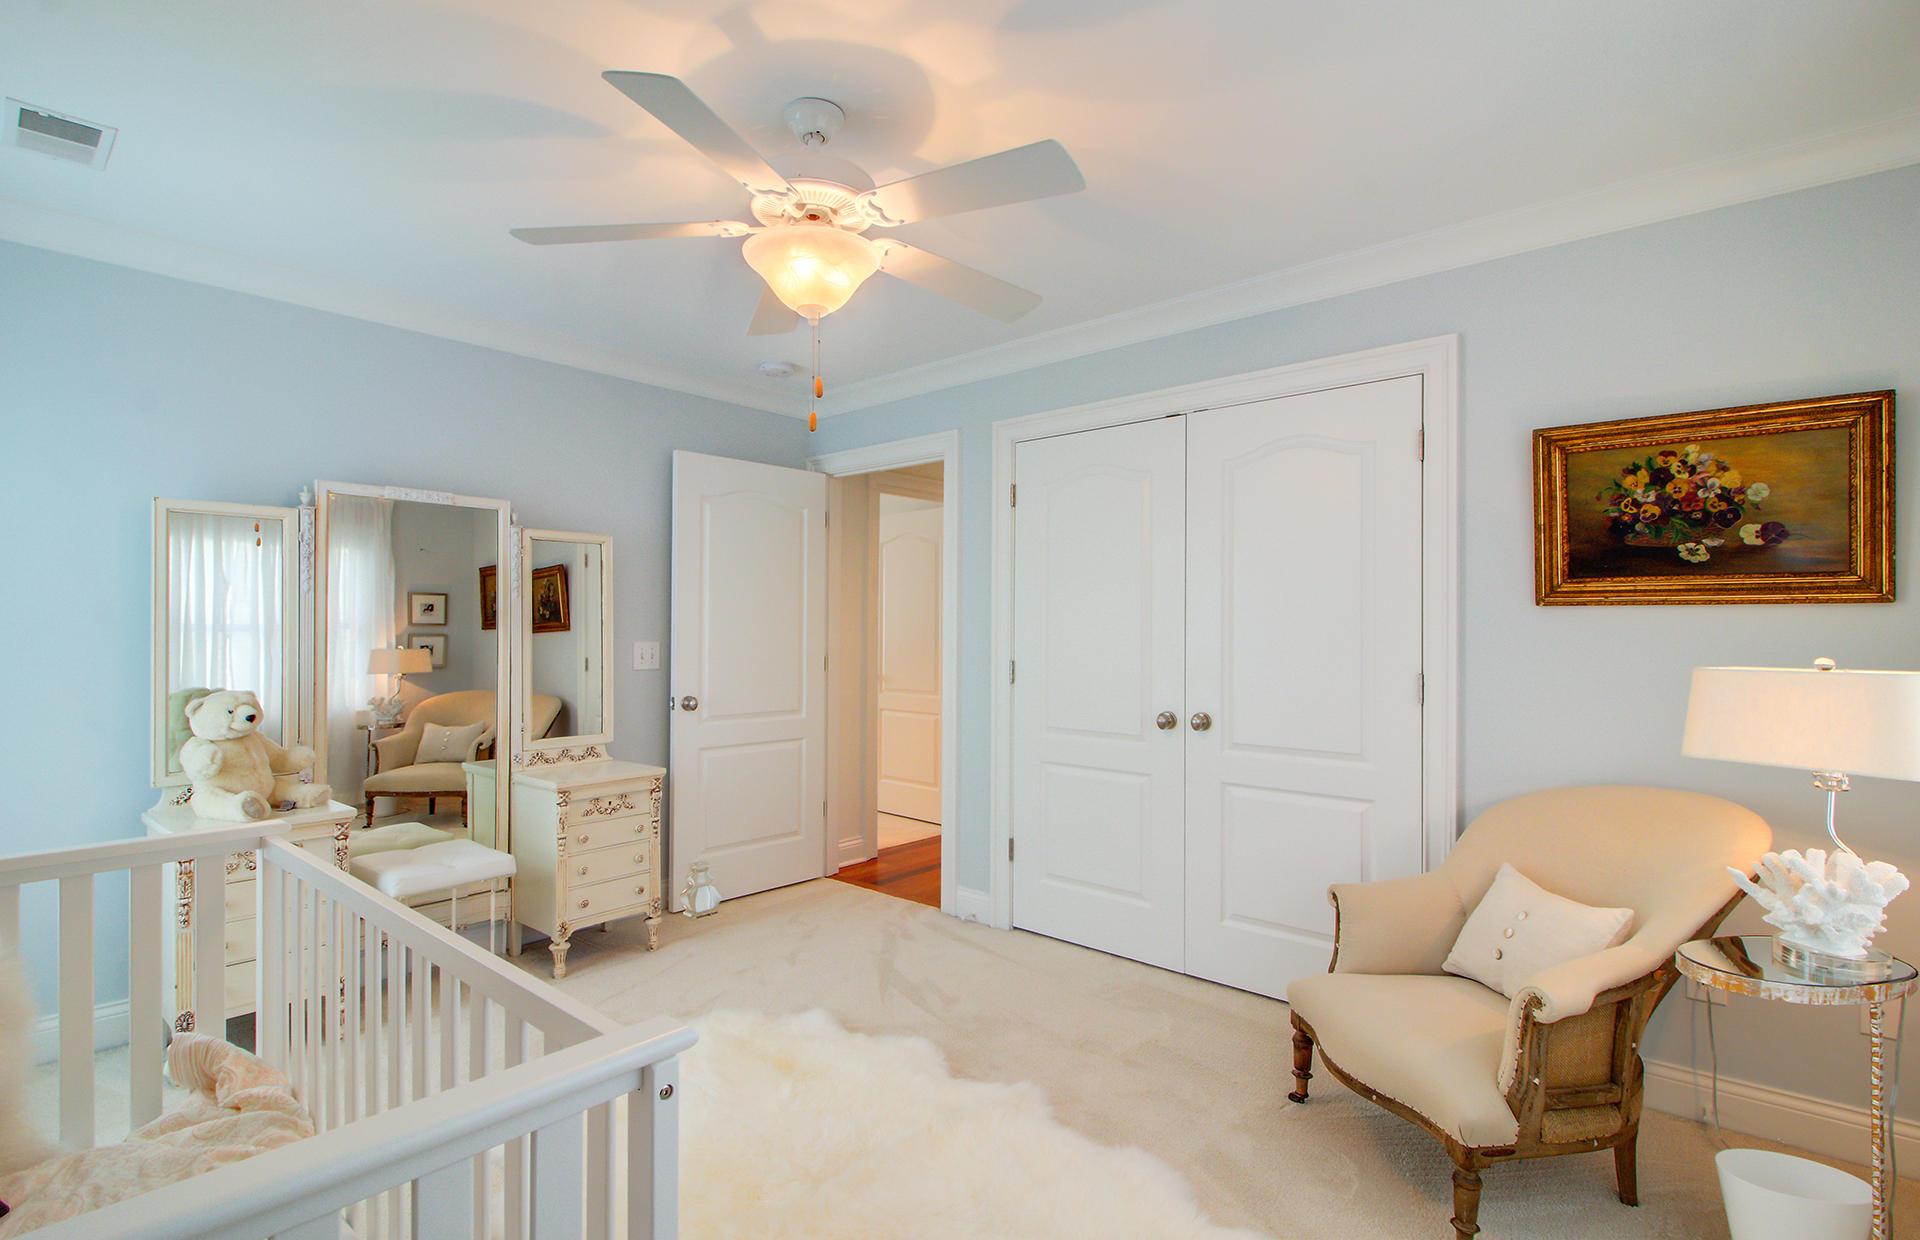 Dunes West Homes For Sale - 2913 Yachtsman, Mount Pleasant, SC - 5